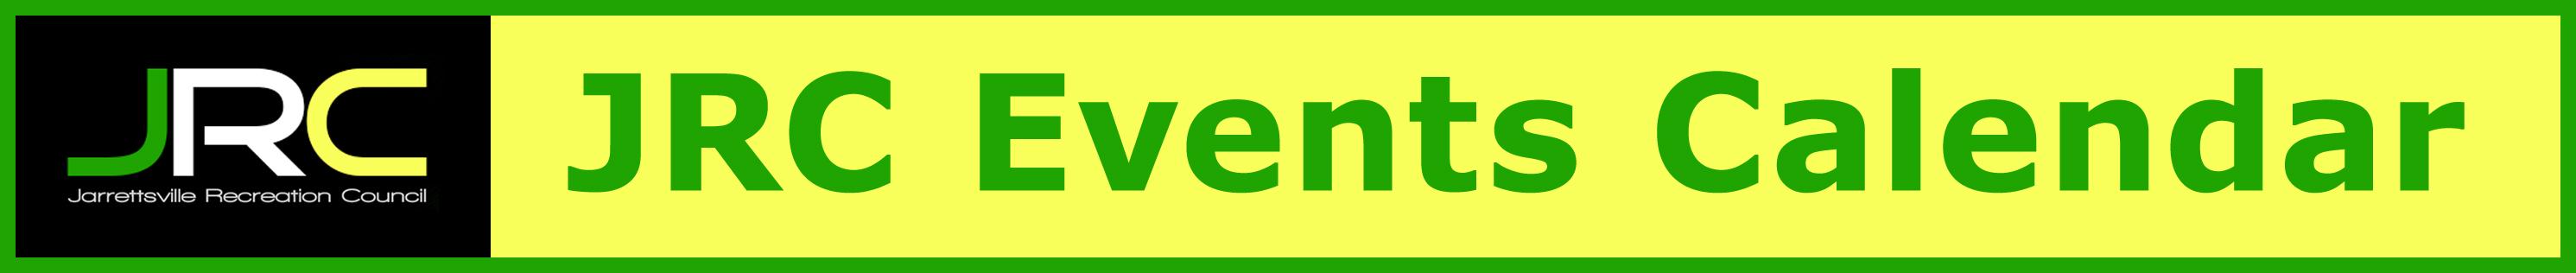 JRC Calendar of Events